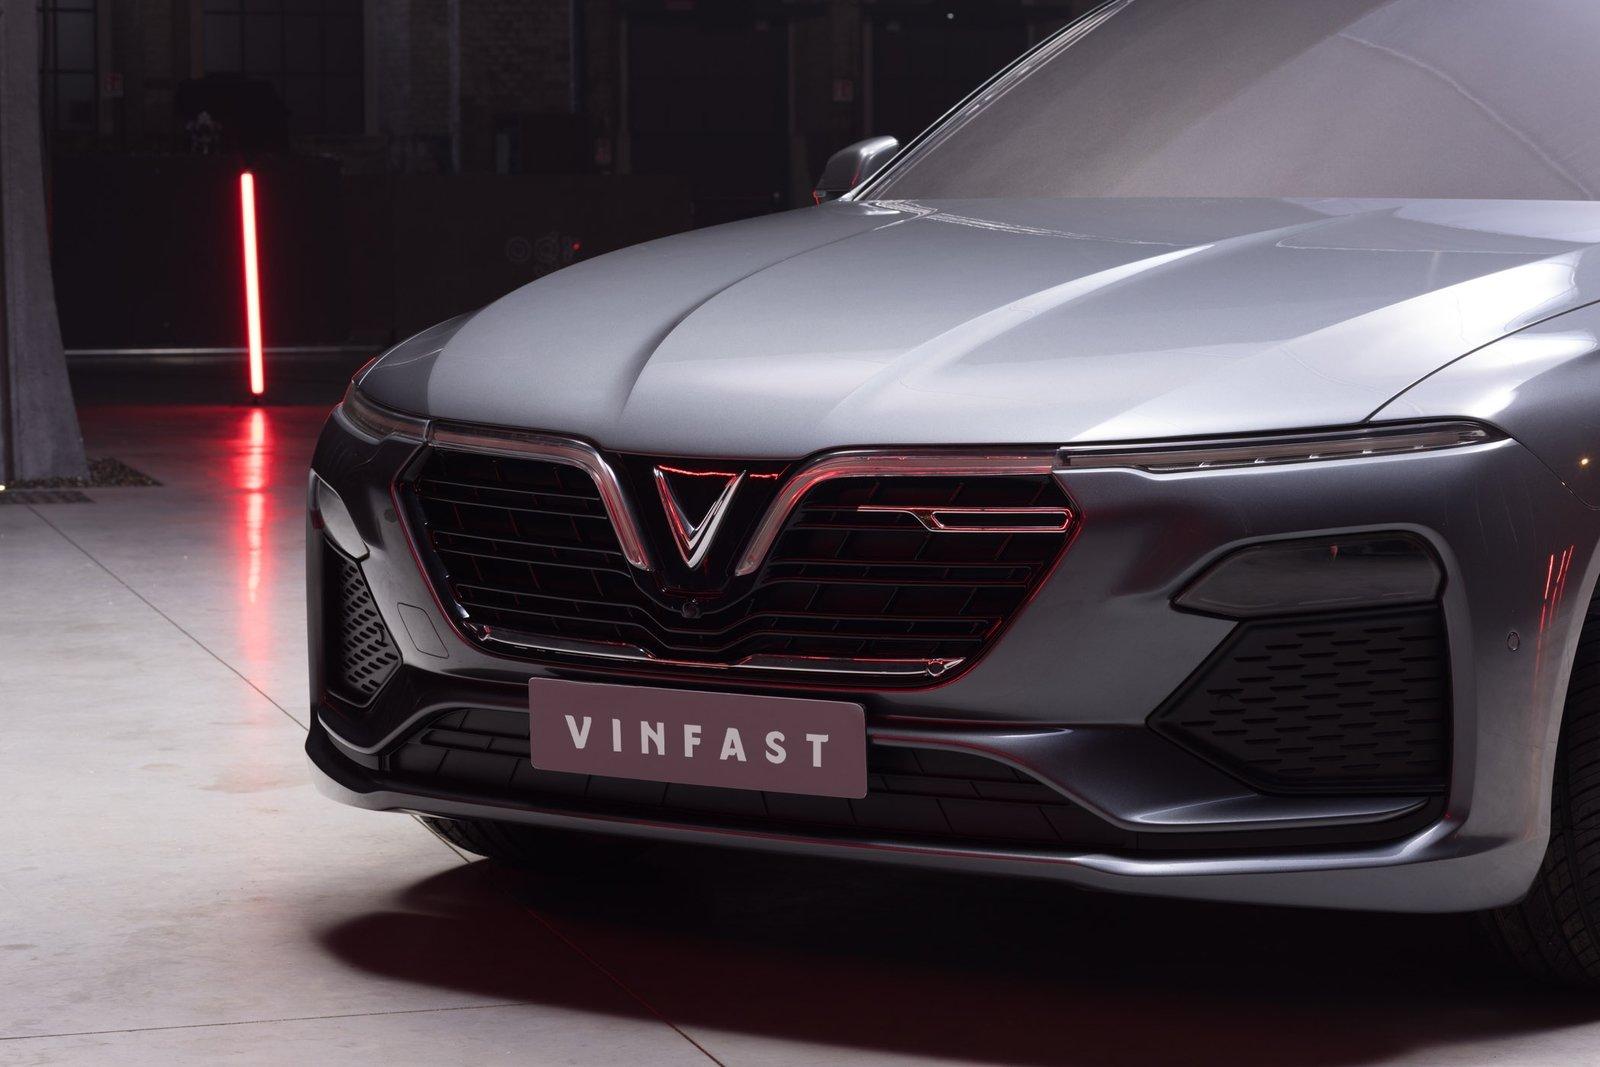 vinfast-is-a-vietnam-top-speed-6.jpg